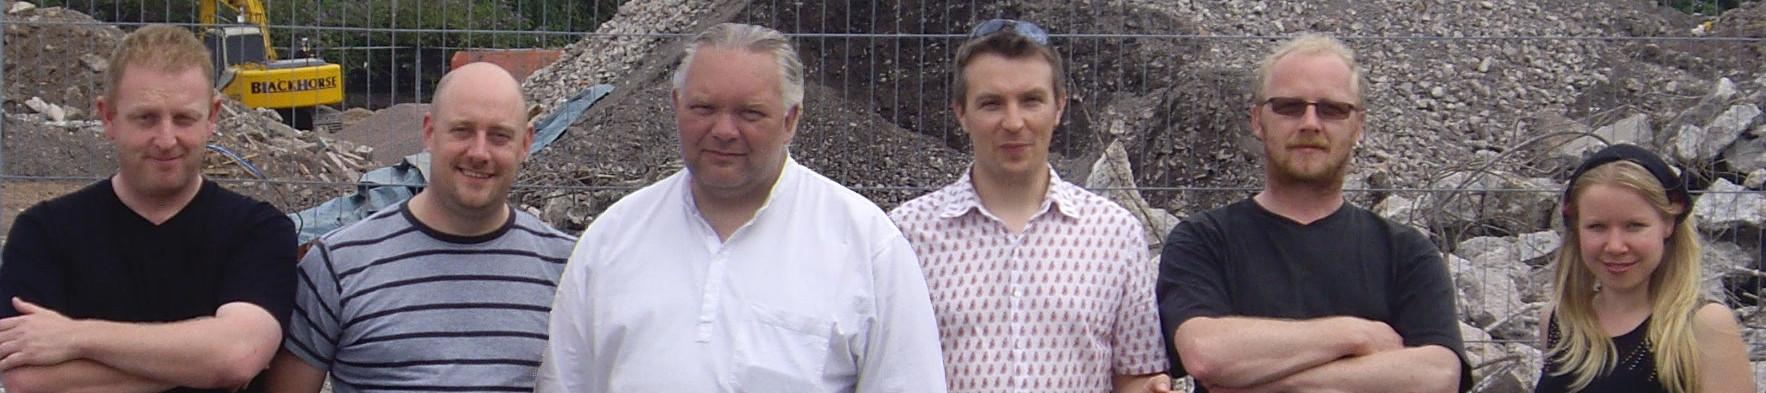 Blas – Folk Radio Cymru